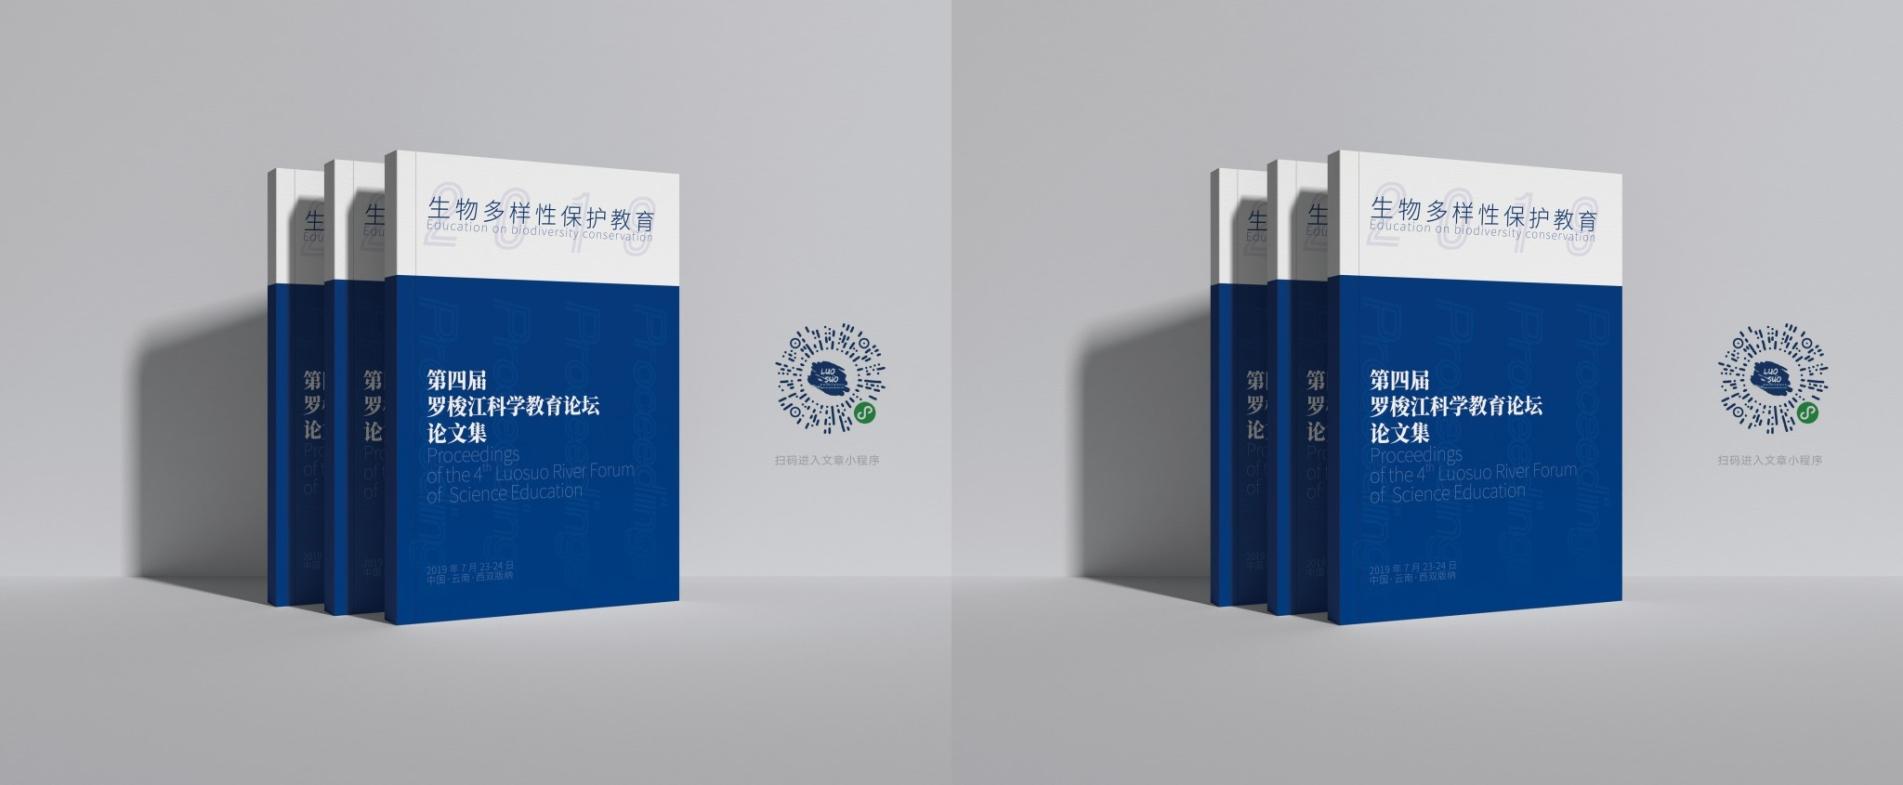 《第四届罗梭江科学教育论坛论文集》在线发布